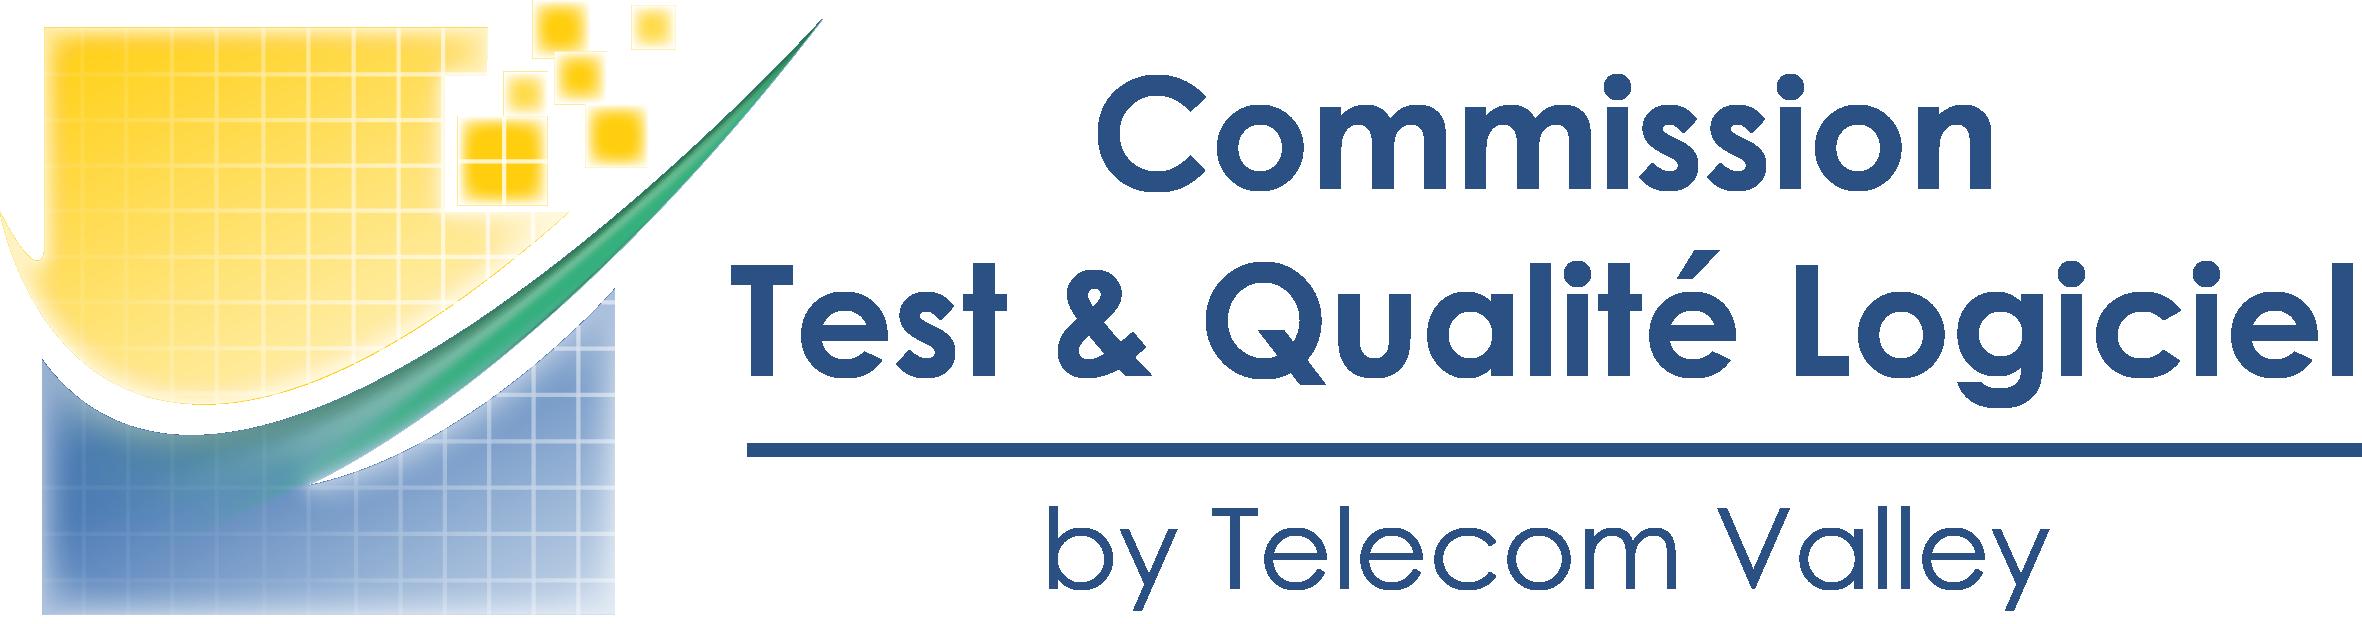 12 mars 2019 – Communauté Test & Qualité Logiciel